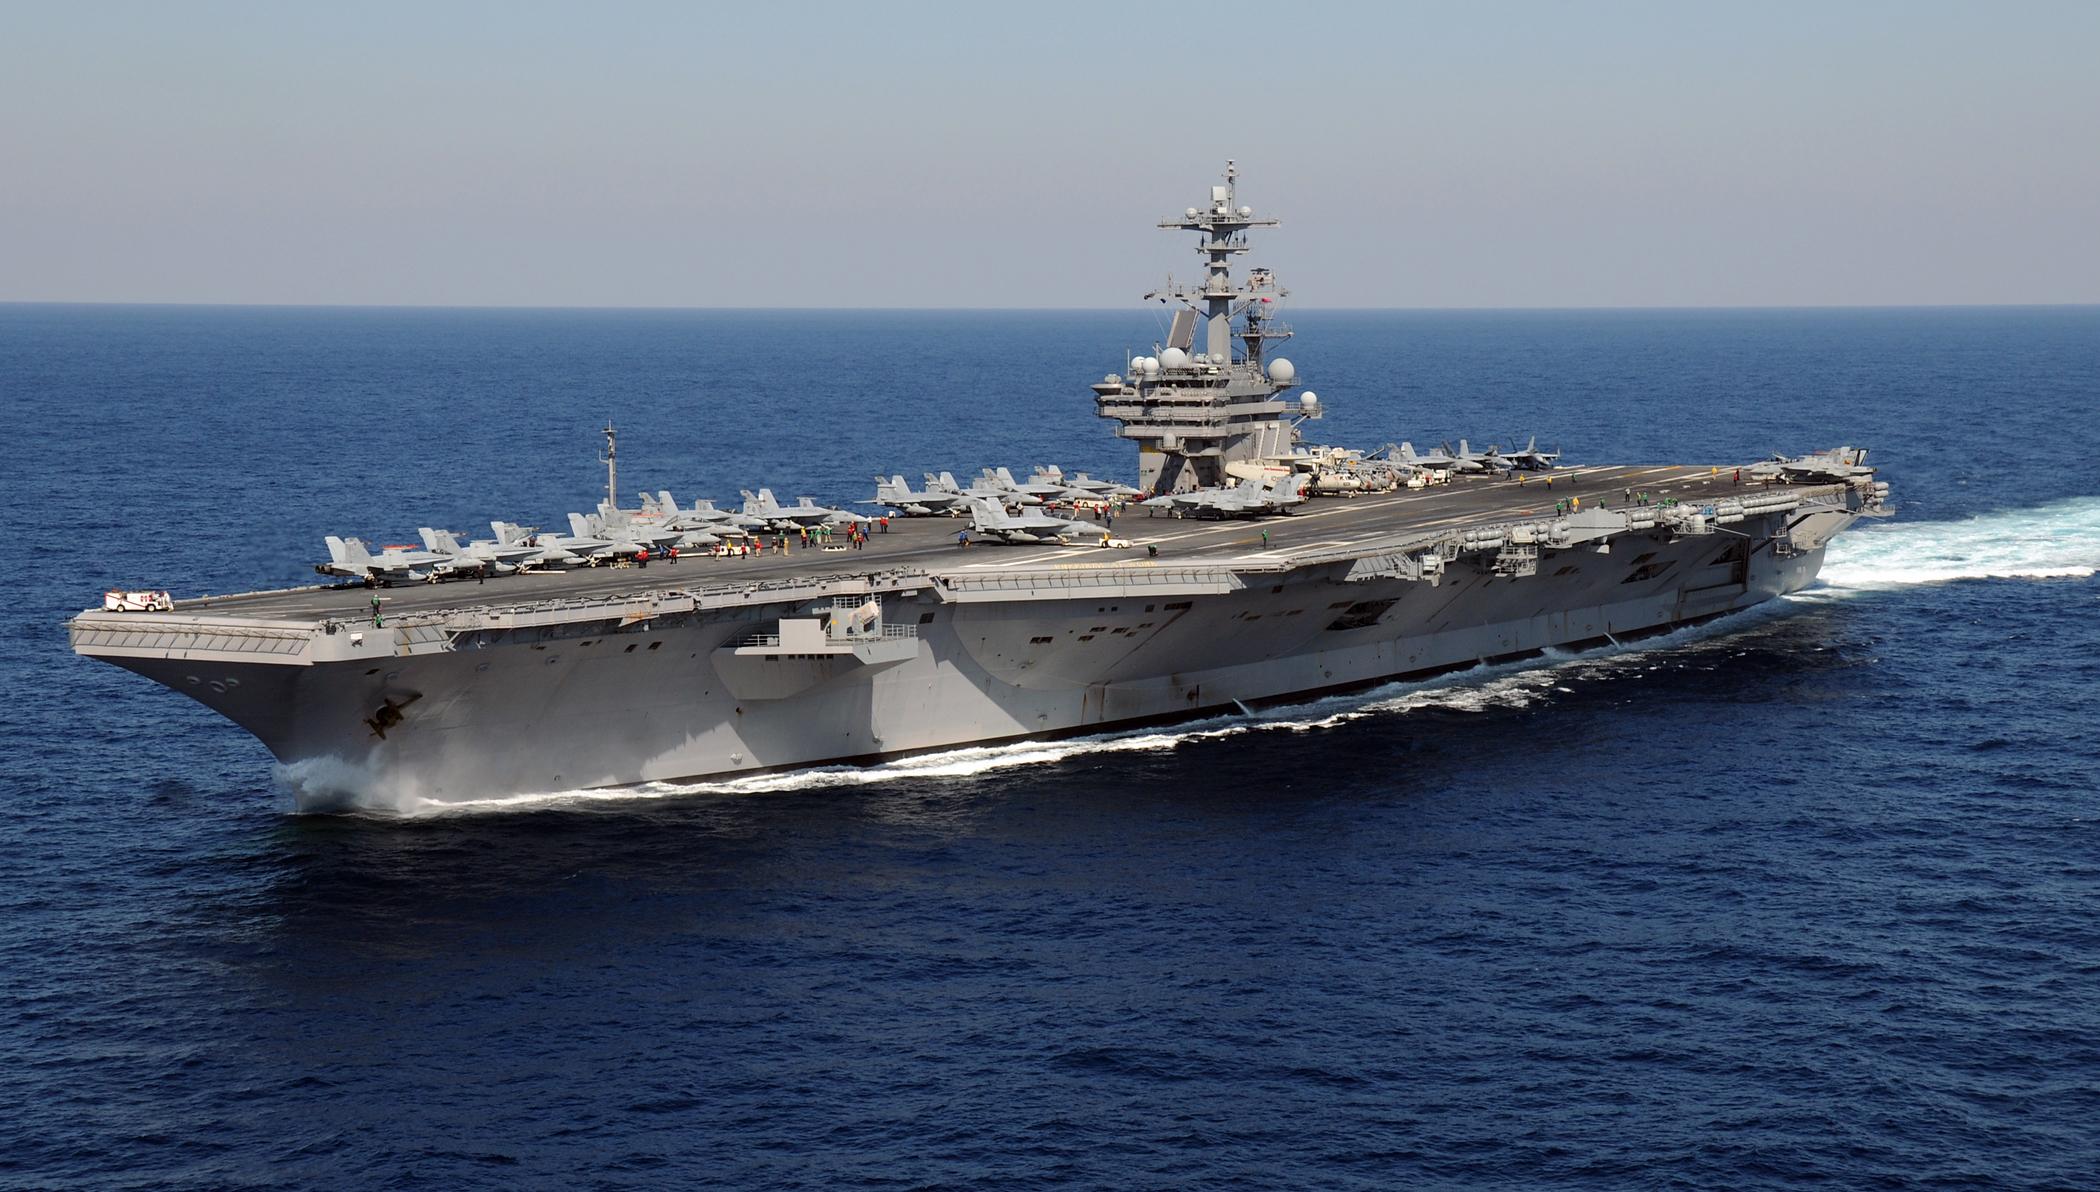 Desarrollan tecnología para anular a los más modernos portaaviones sin un solo tiro US_Navy_110129-N-3885H-158_USS_George_H.W._Bush_(CVN_77)_is_underway_in_the_Atlantic_Ocean